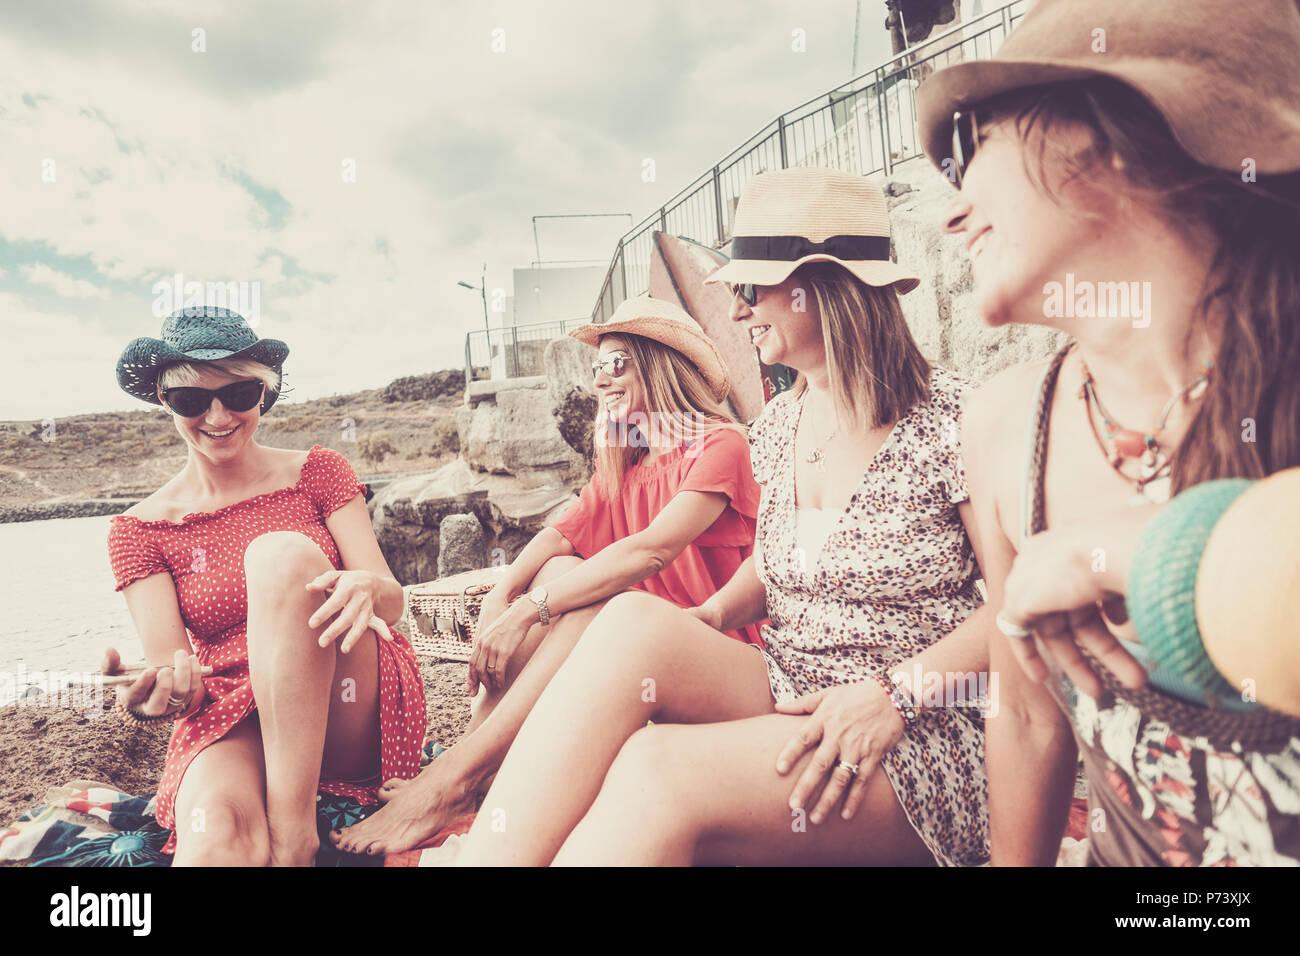 Vintage Style para el grupo de mujeres de personas permanecer juntos en la amistad de vacaciones cerca de la playa para el verano ocio activiy. sonrisas y risas para nbe Imagen De Stock